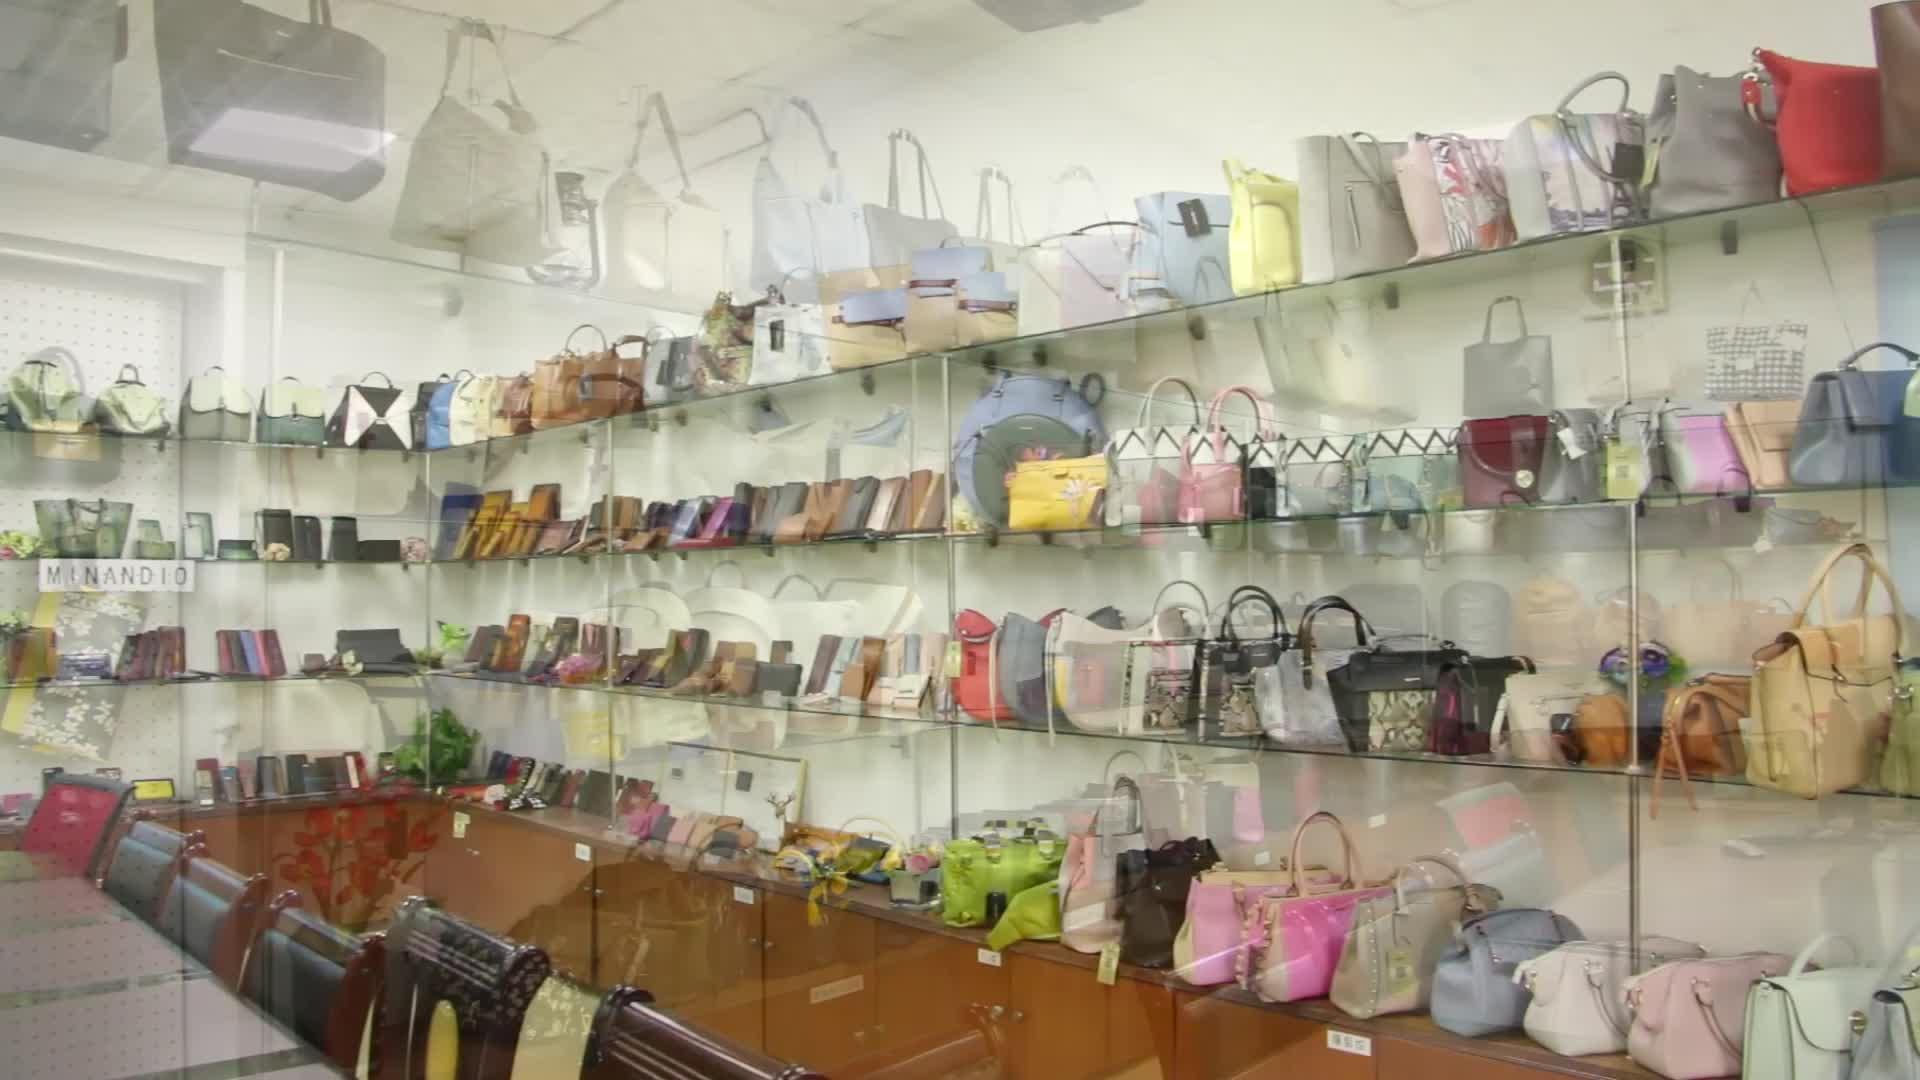 MINANDIO guangzhou usine personnalisé petit sac à main dame mini sacs à bandoulière en cuir sacs à main femmes sacs à bandoulière